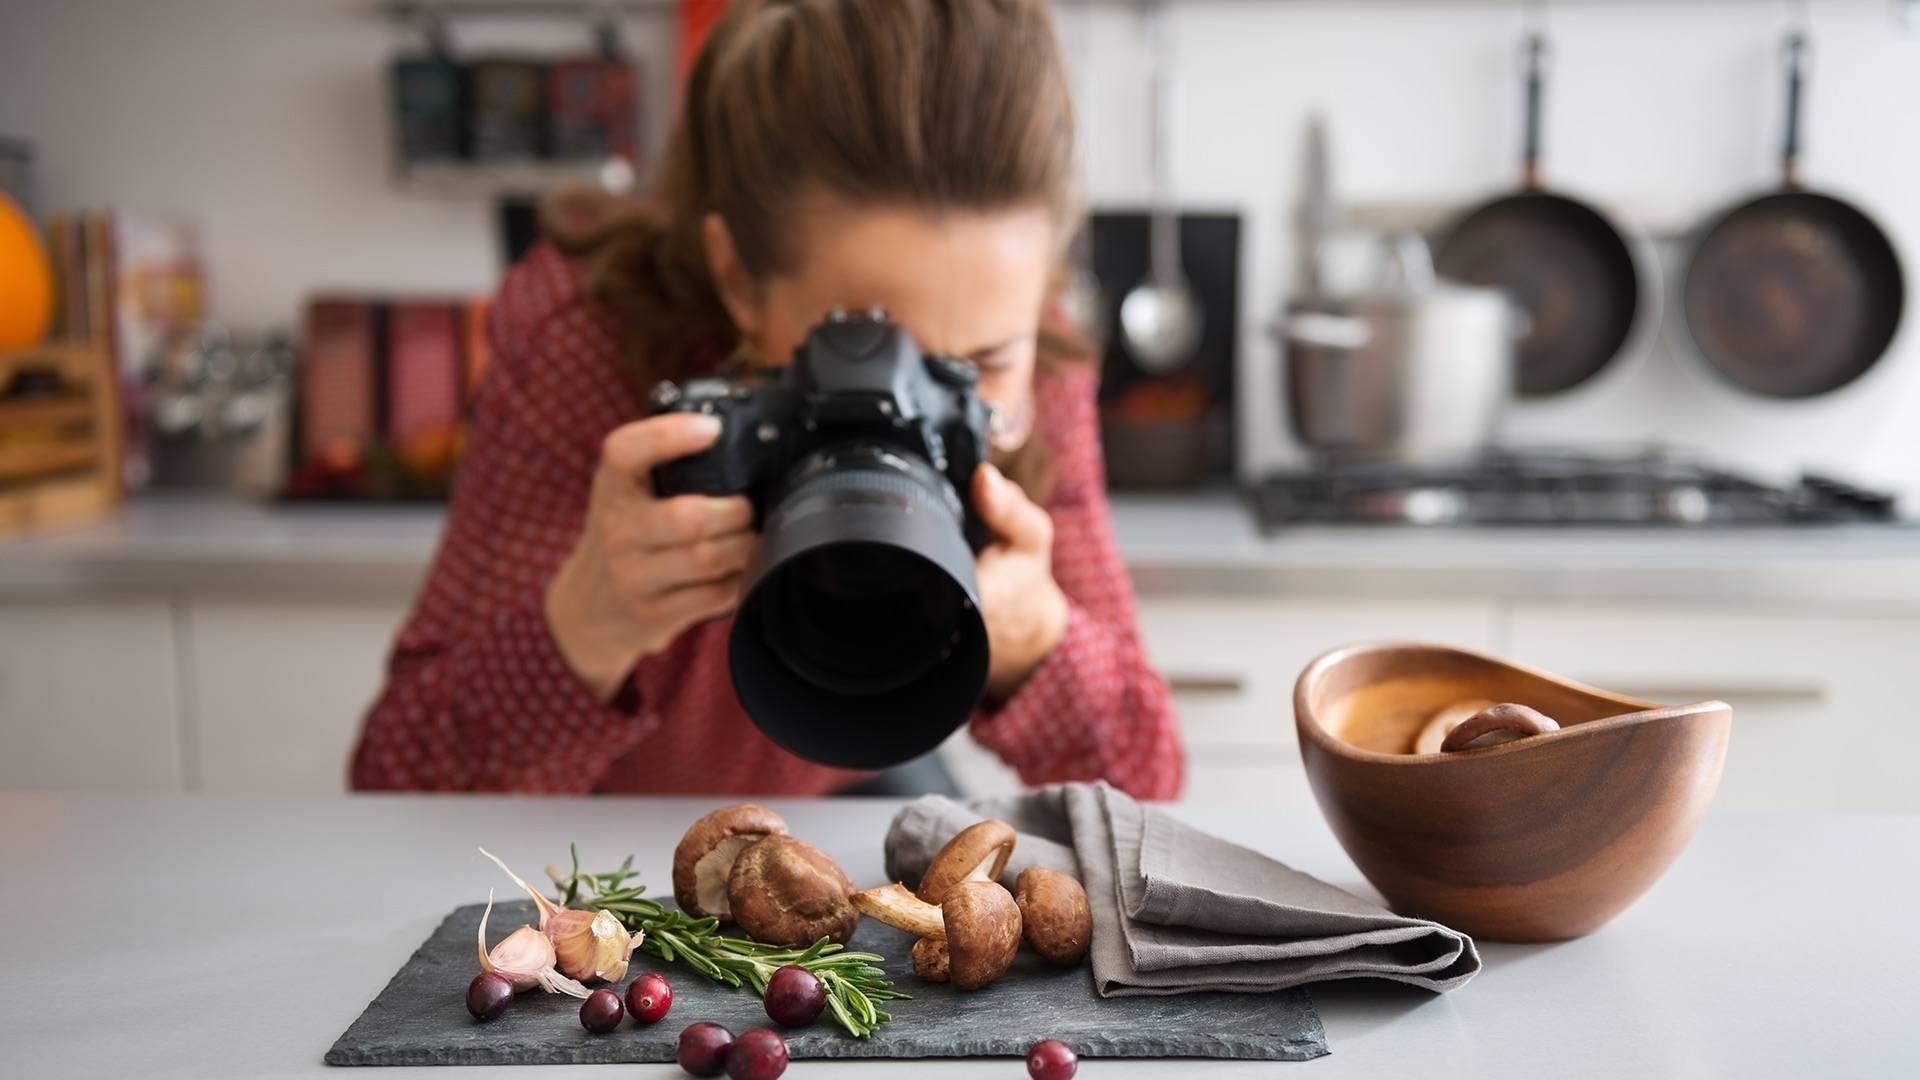 Evde kendi çekimleriniz ile bir fotoğraf albümü oluşturabilirsiniz.